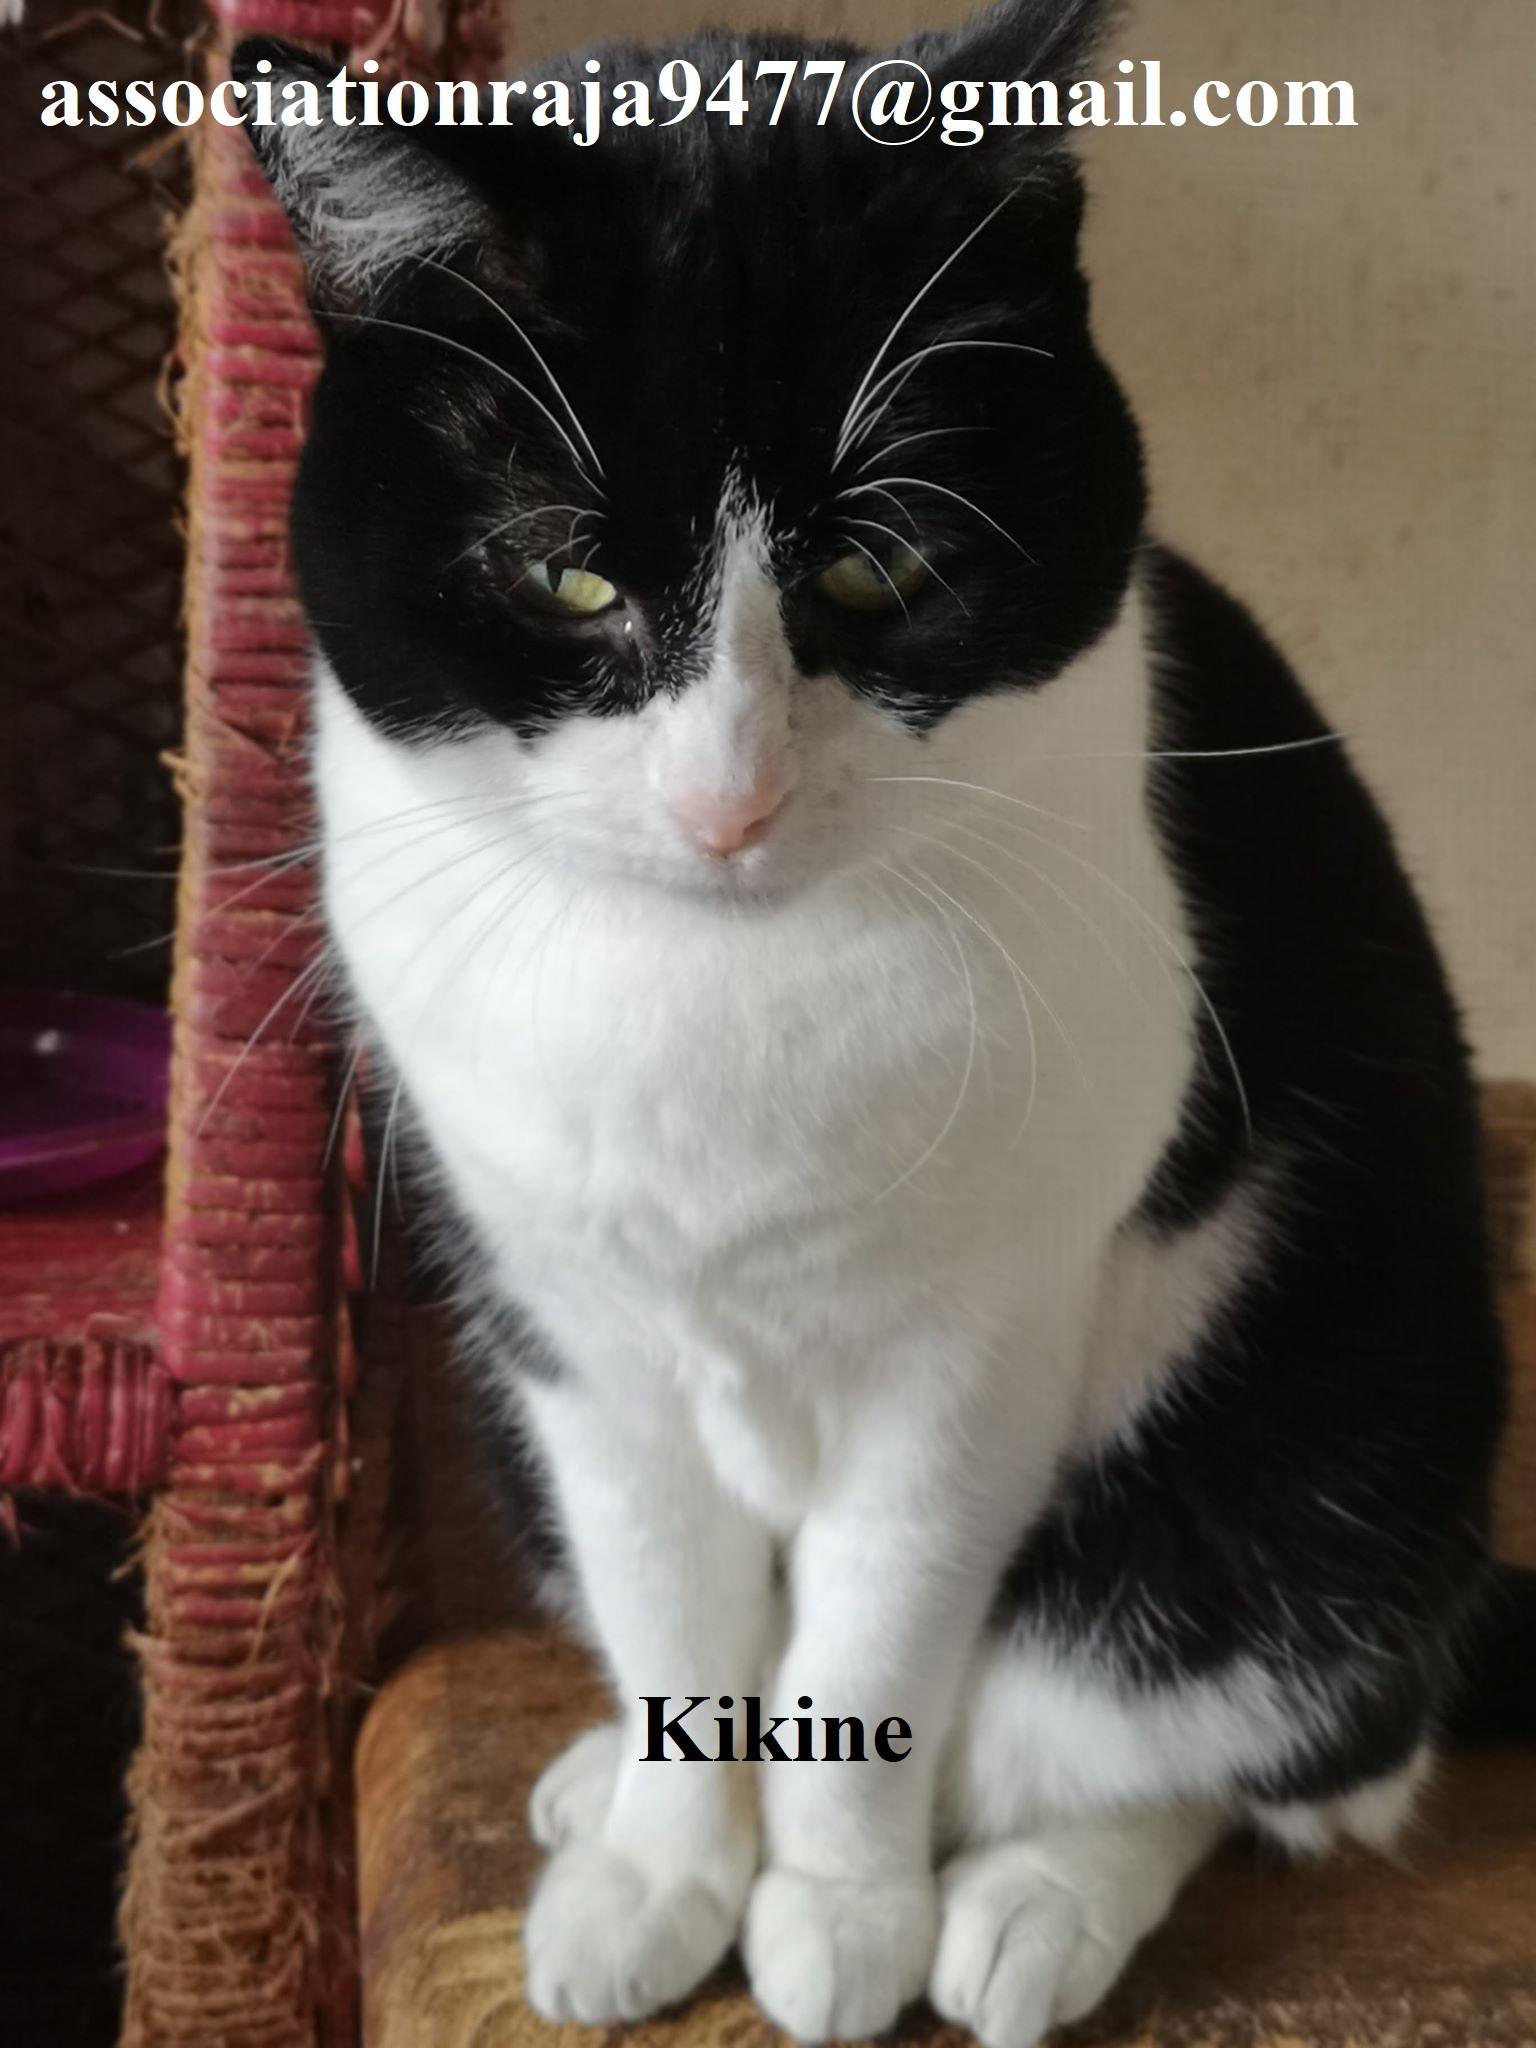 Kikine